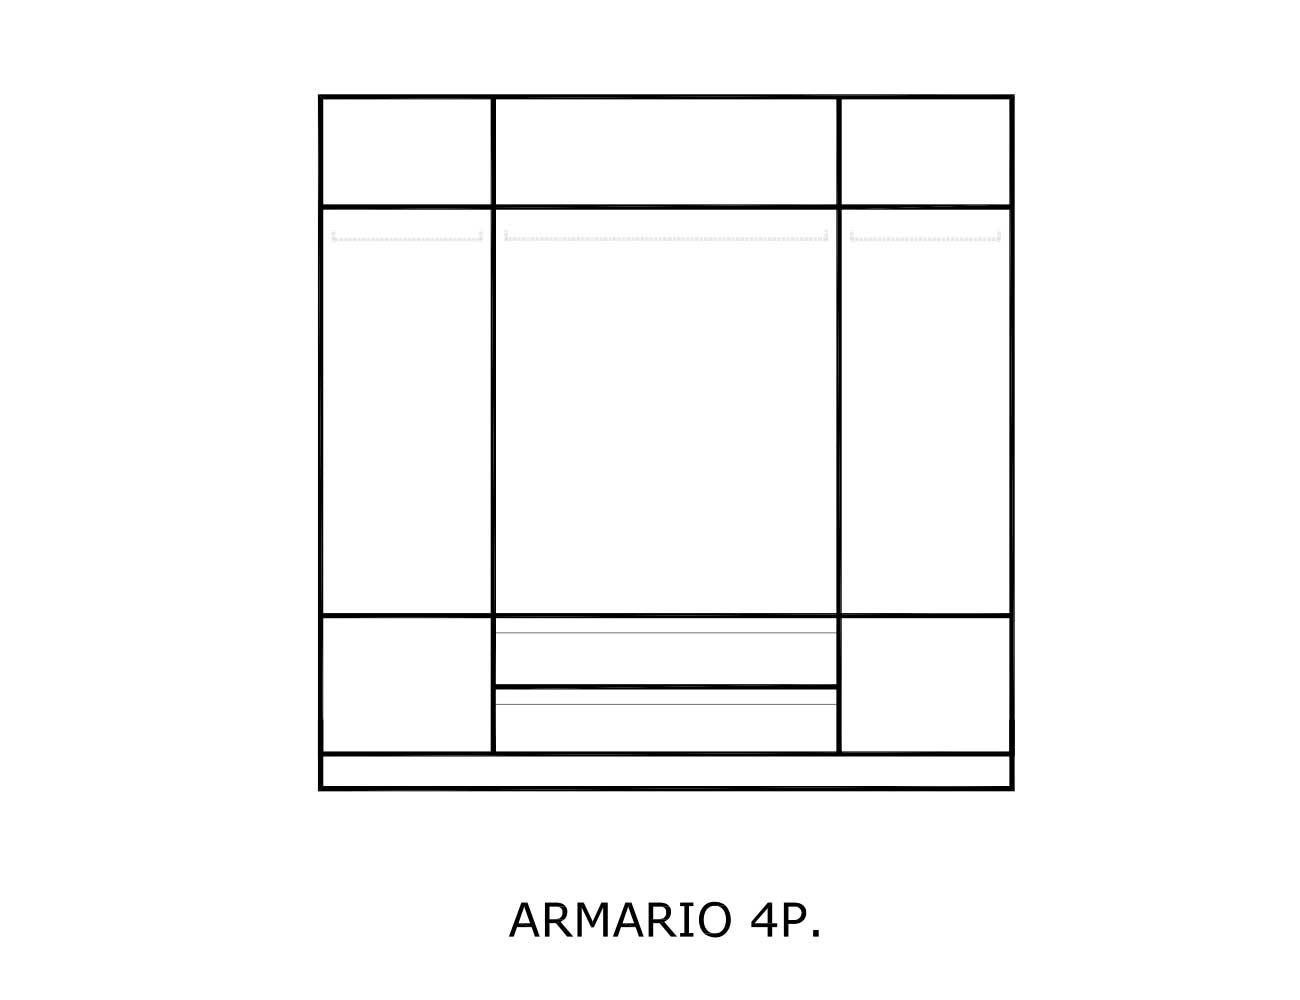 Interior armario 4 puertas